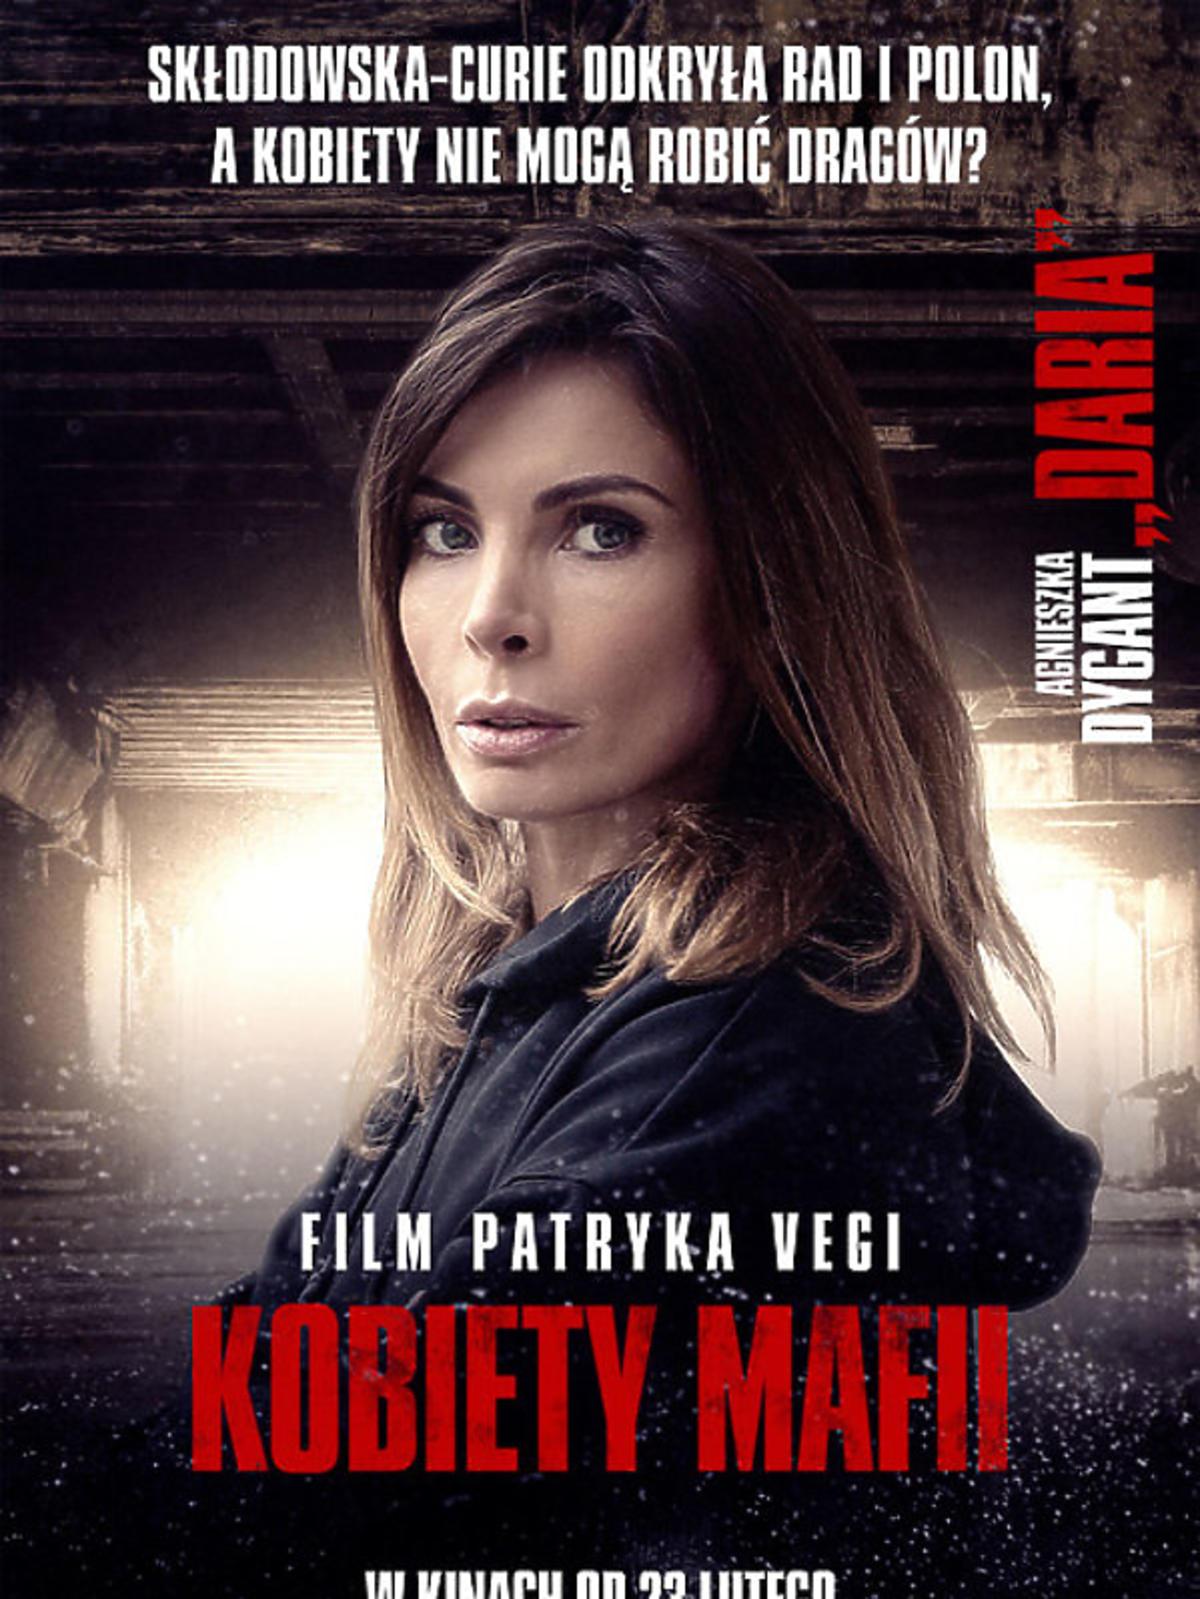 Kobiety mafii - Agnieszka Dygant na plakacie